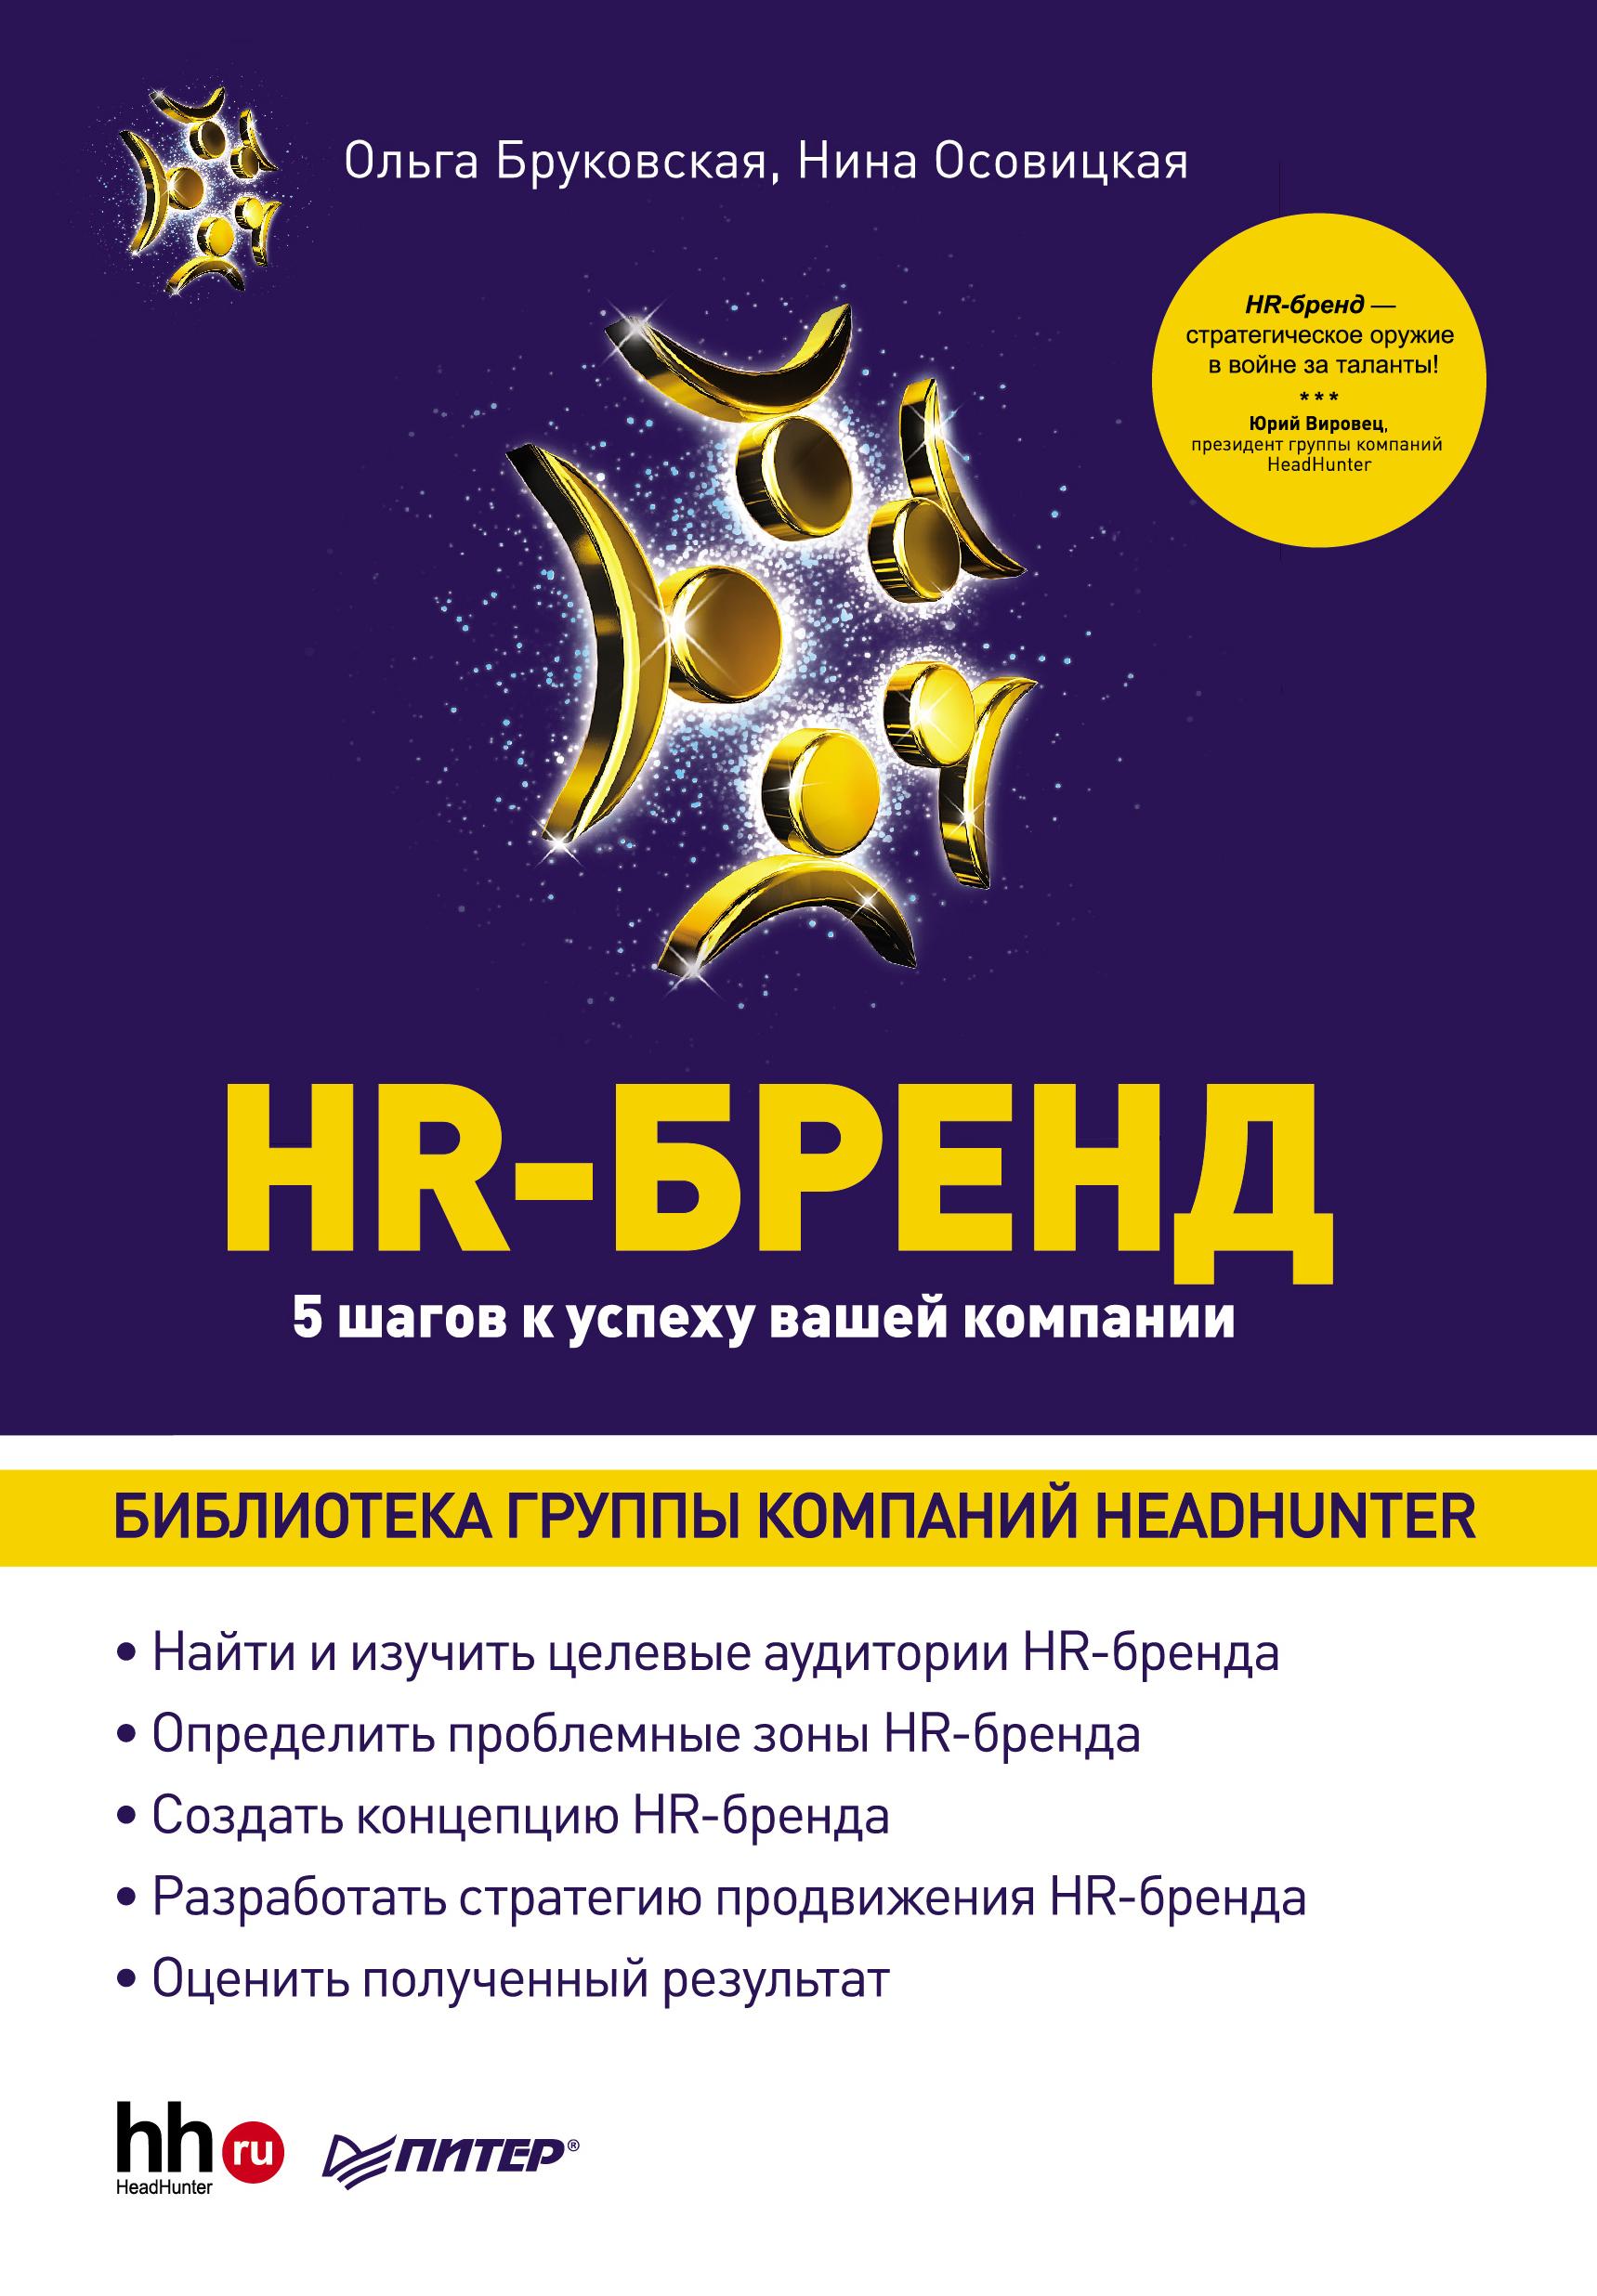 Обложка книги HR-Бренд.5шагов к успеху вашей компании